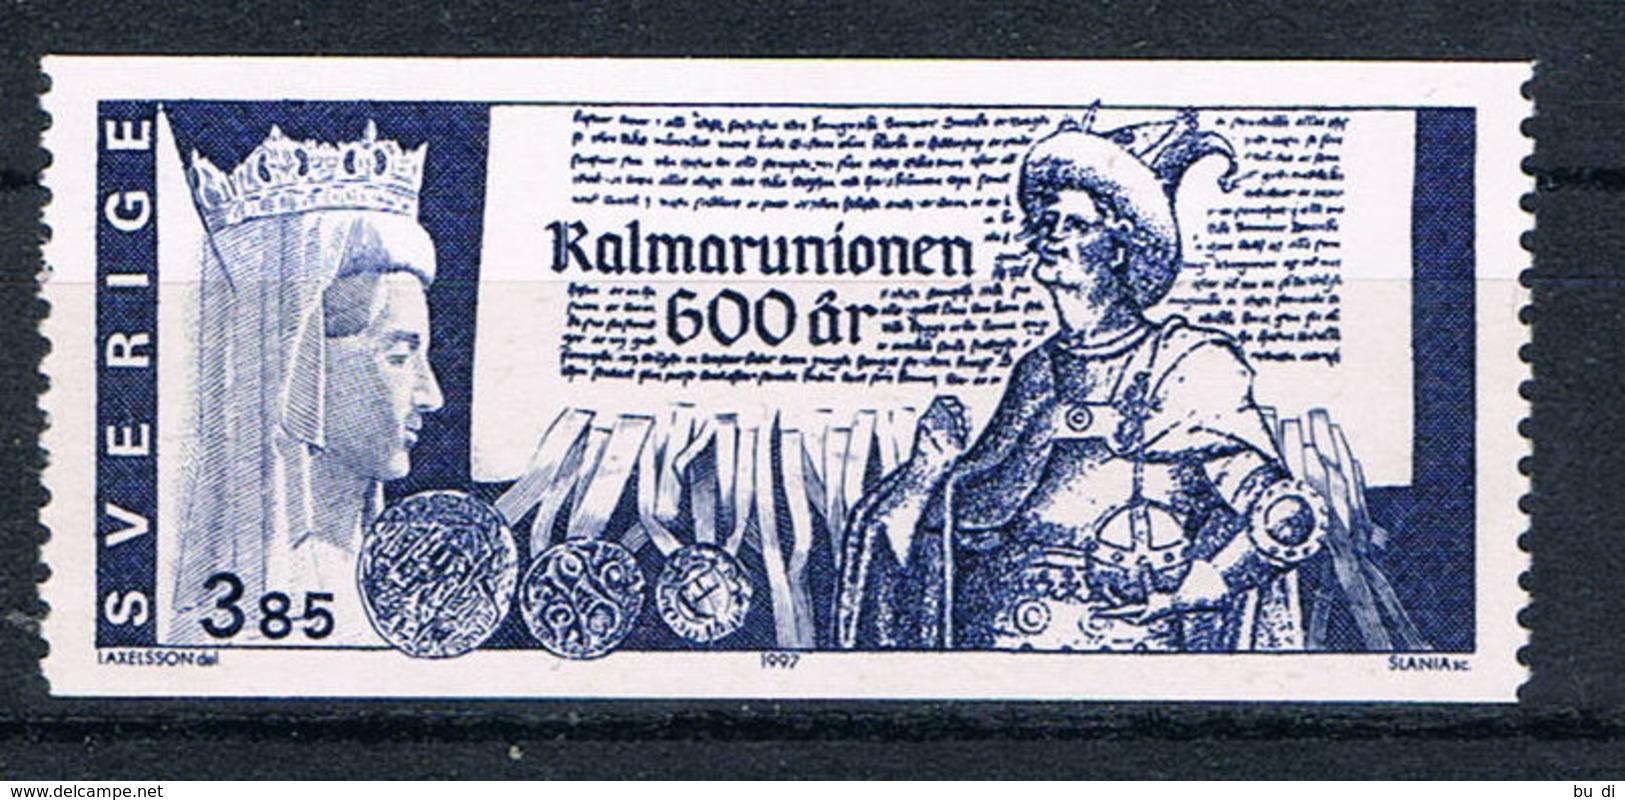 Schweden 1987 - Union Von Kalmar, Königin Margrethe, König Albrecht - History, Geschichte - Schweden